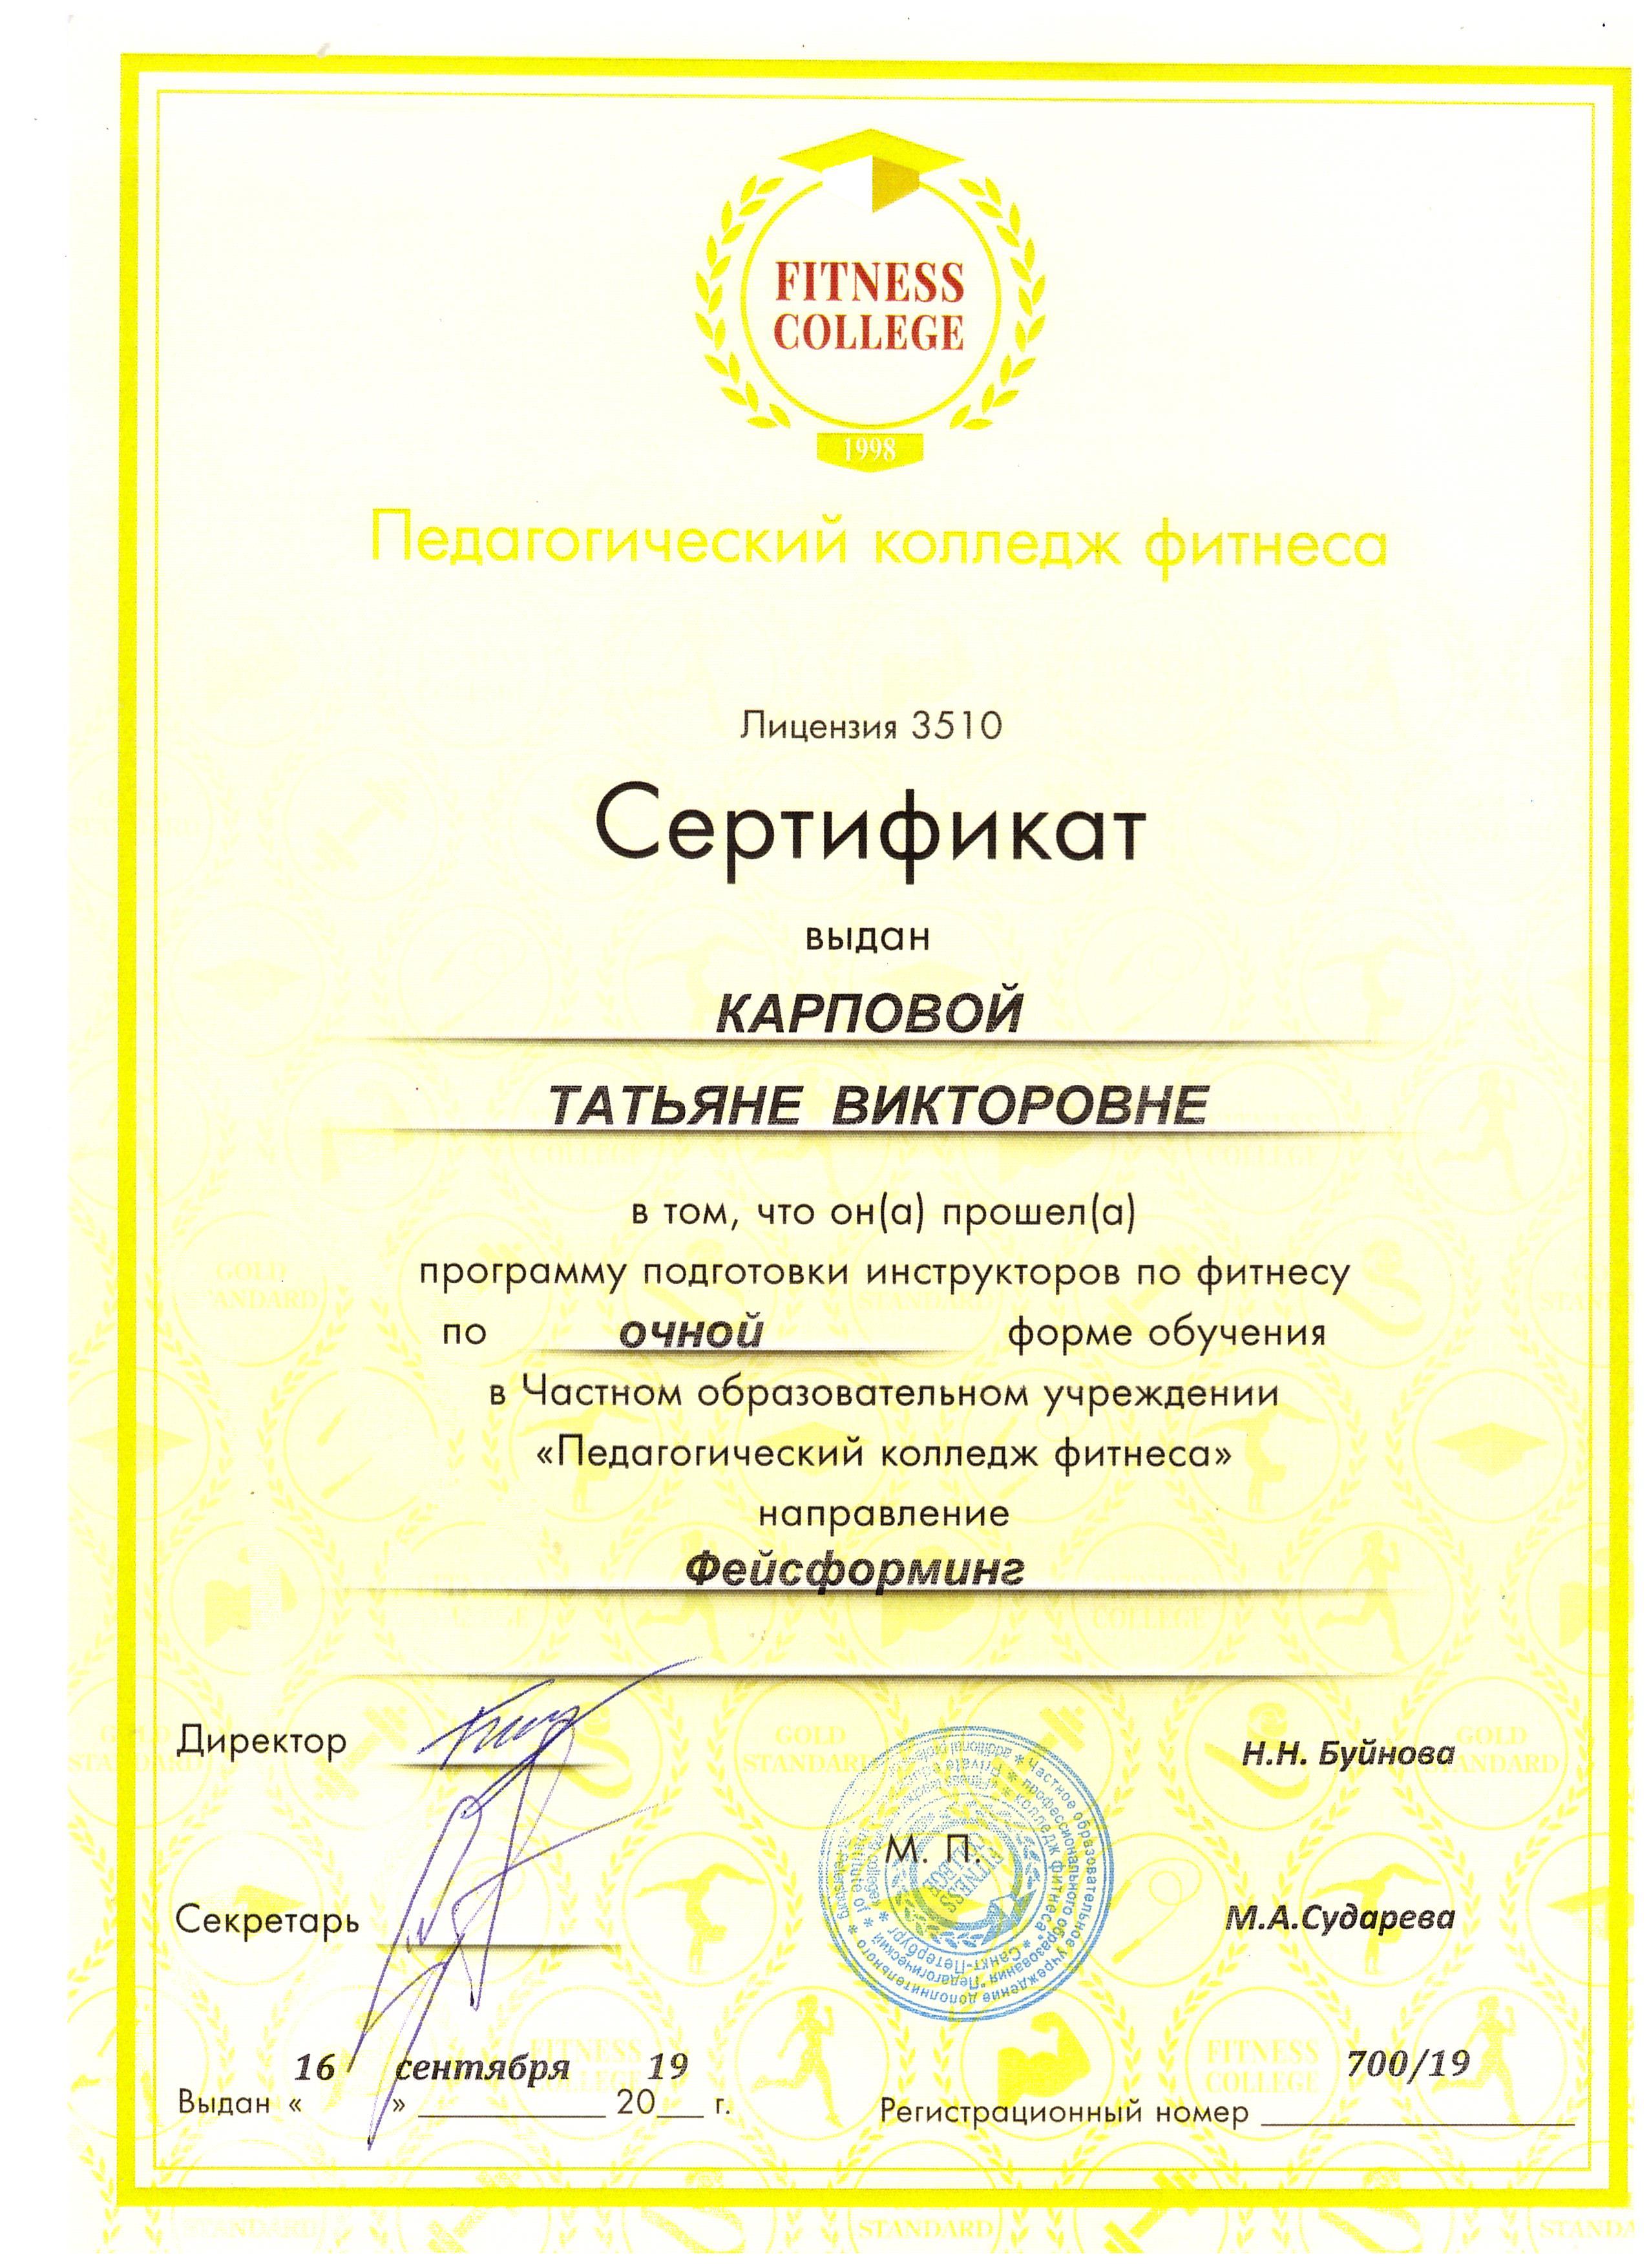 http://lsclub.ru/images/upload/с.jpeg